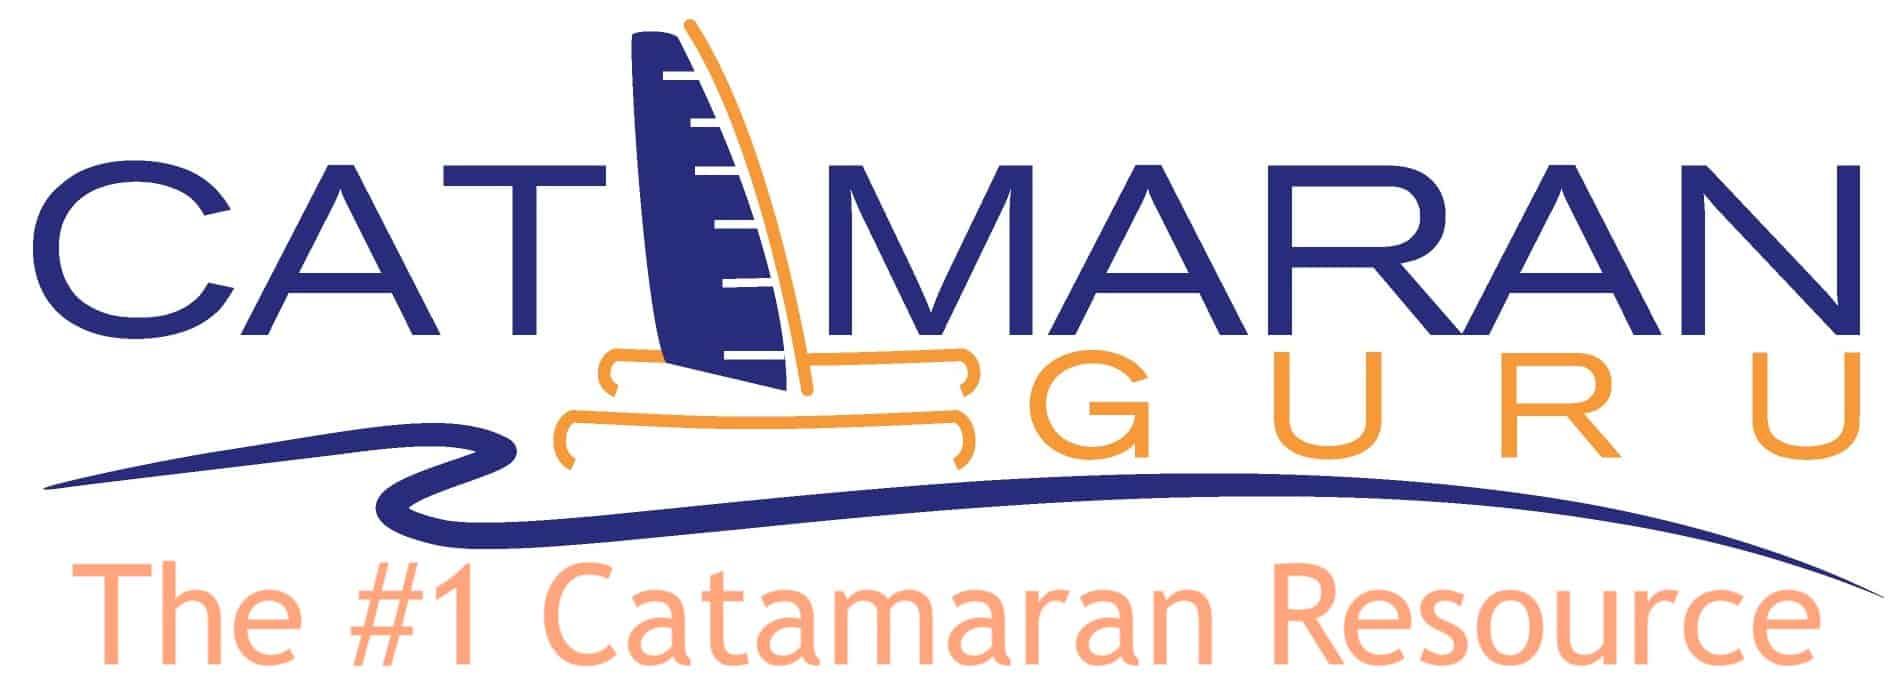 catamaran guru logo